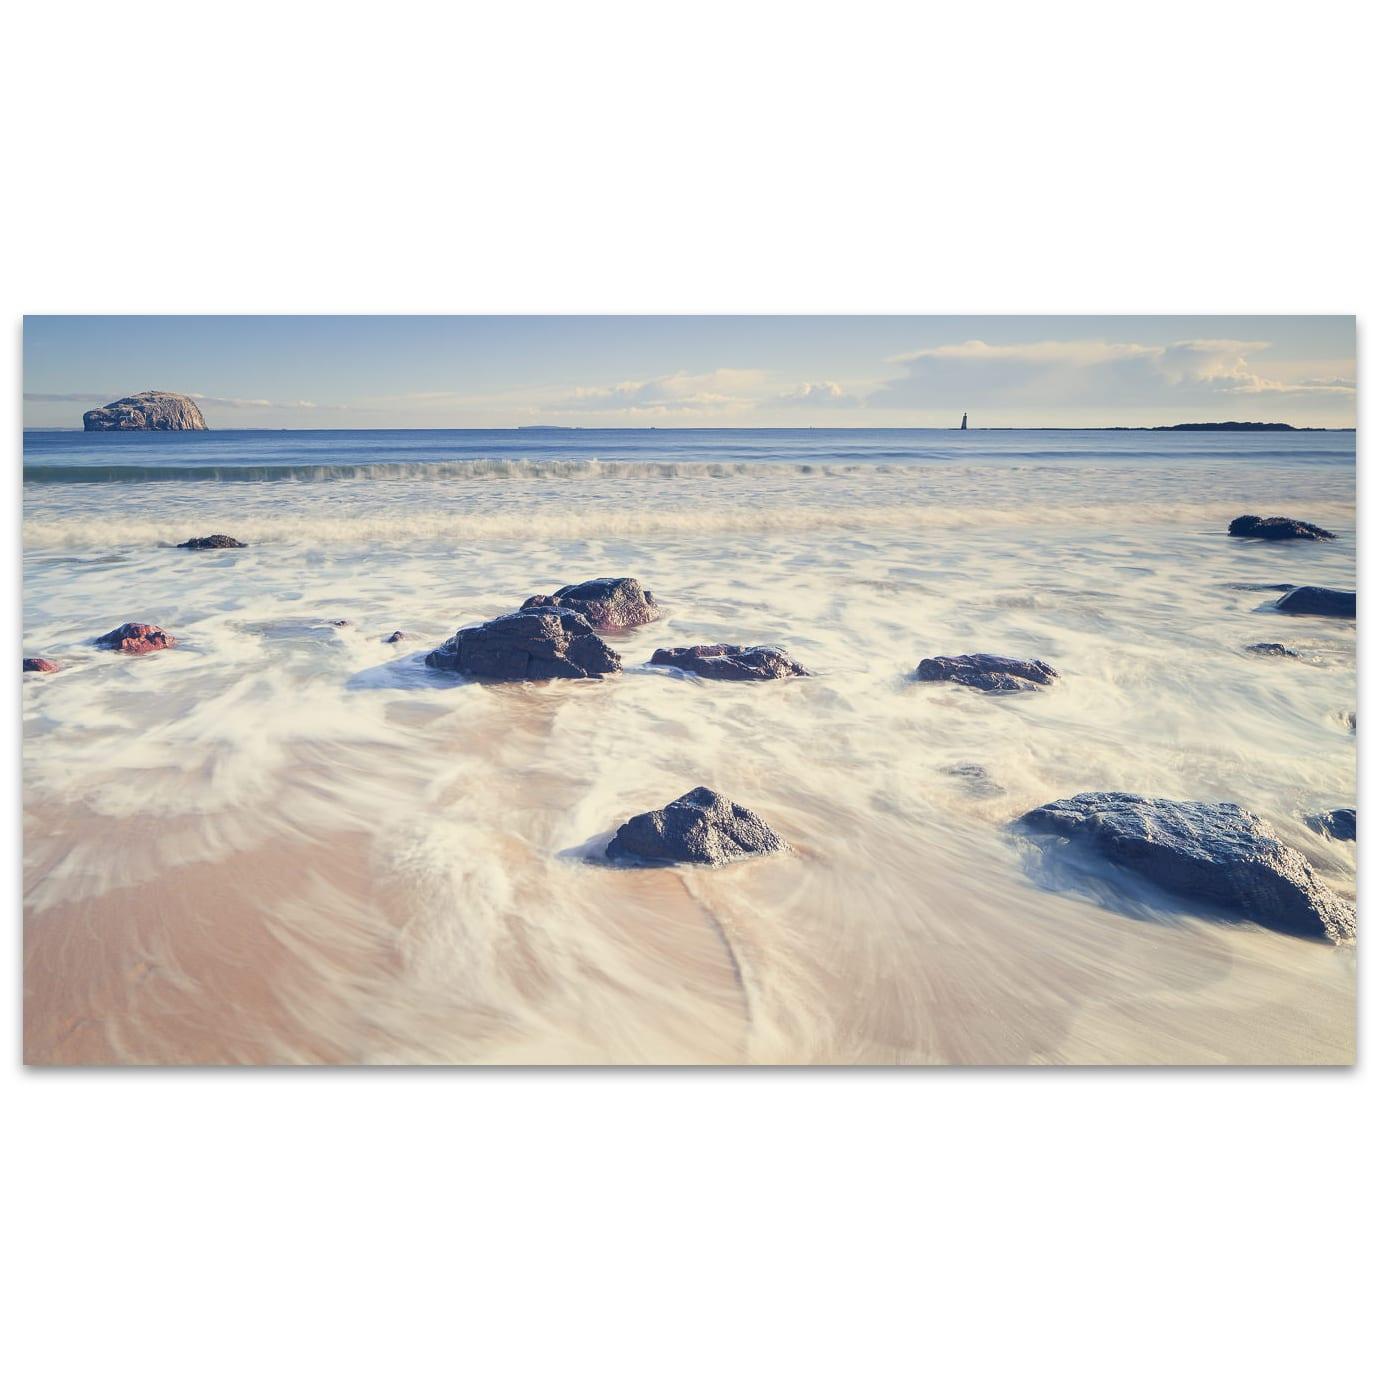 Seacliff beach in East Lothian in Scotland